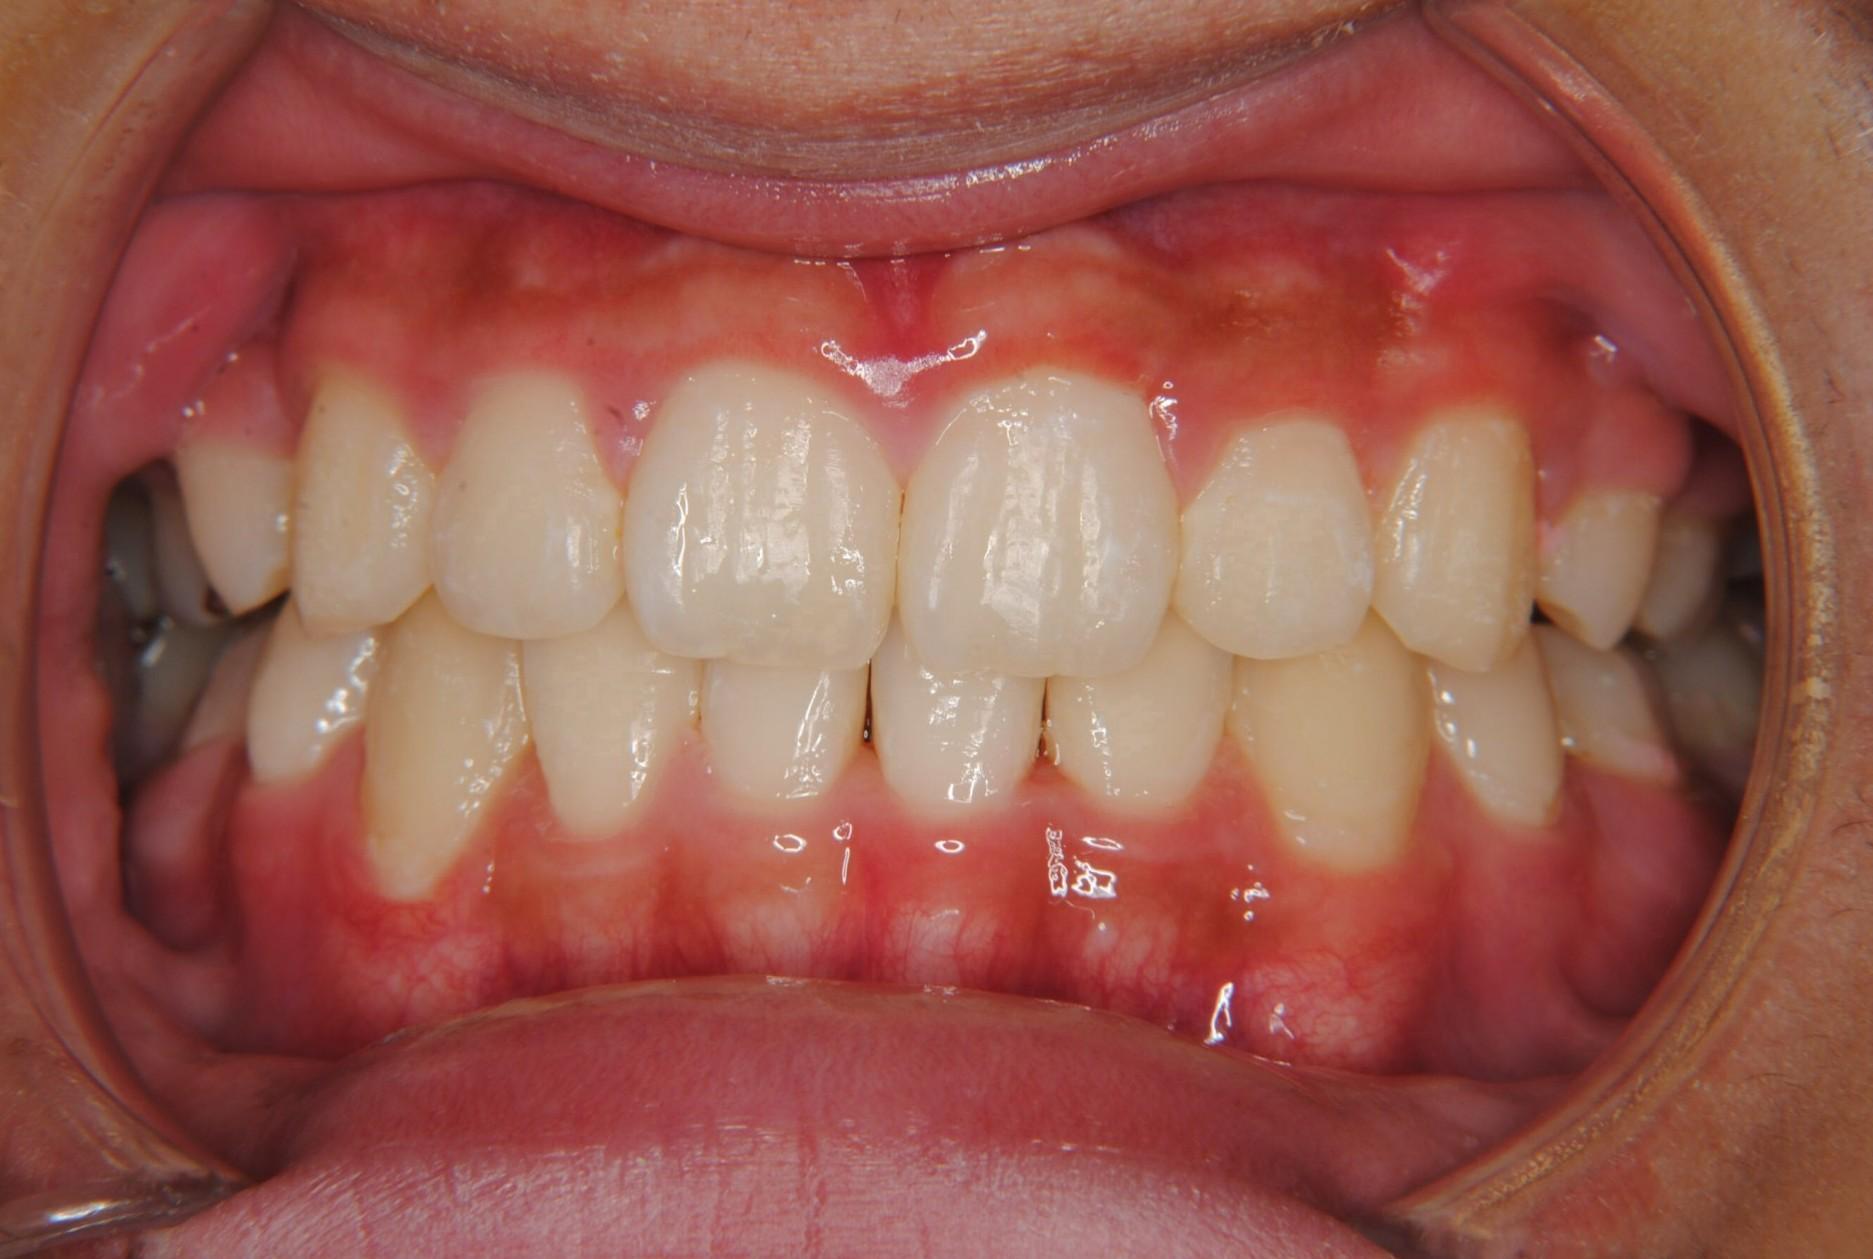 8歳の男子、下左右5番目の乳歯の下の永久歯がなく、上の小臼歯抜歯で治りました。